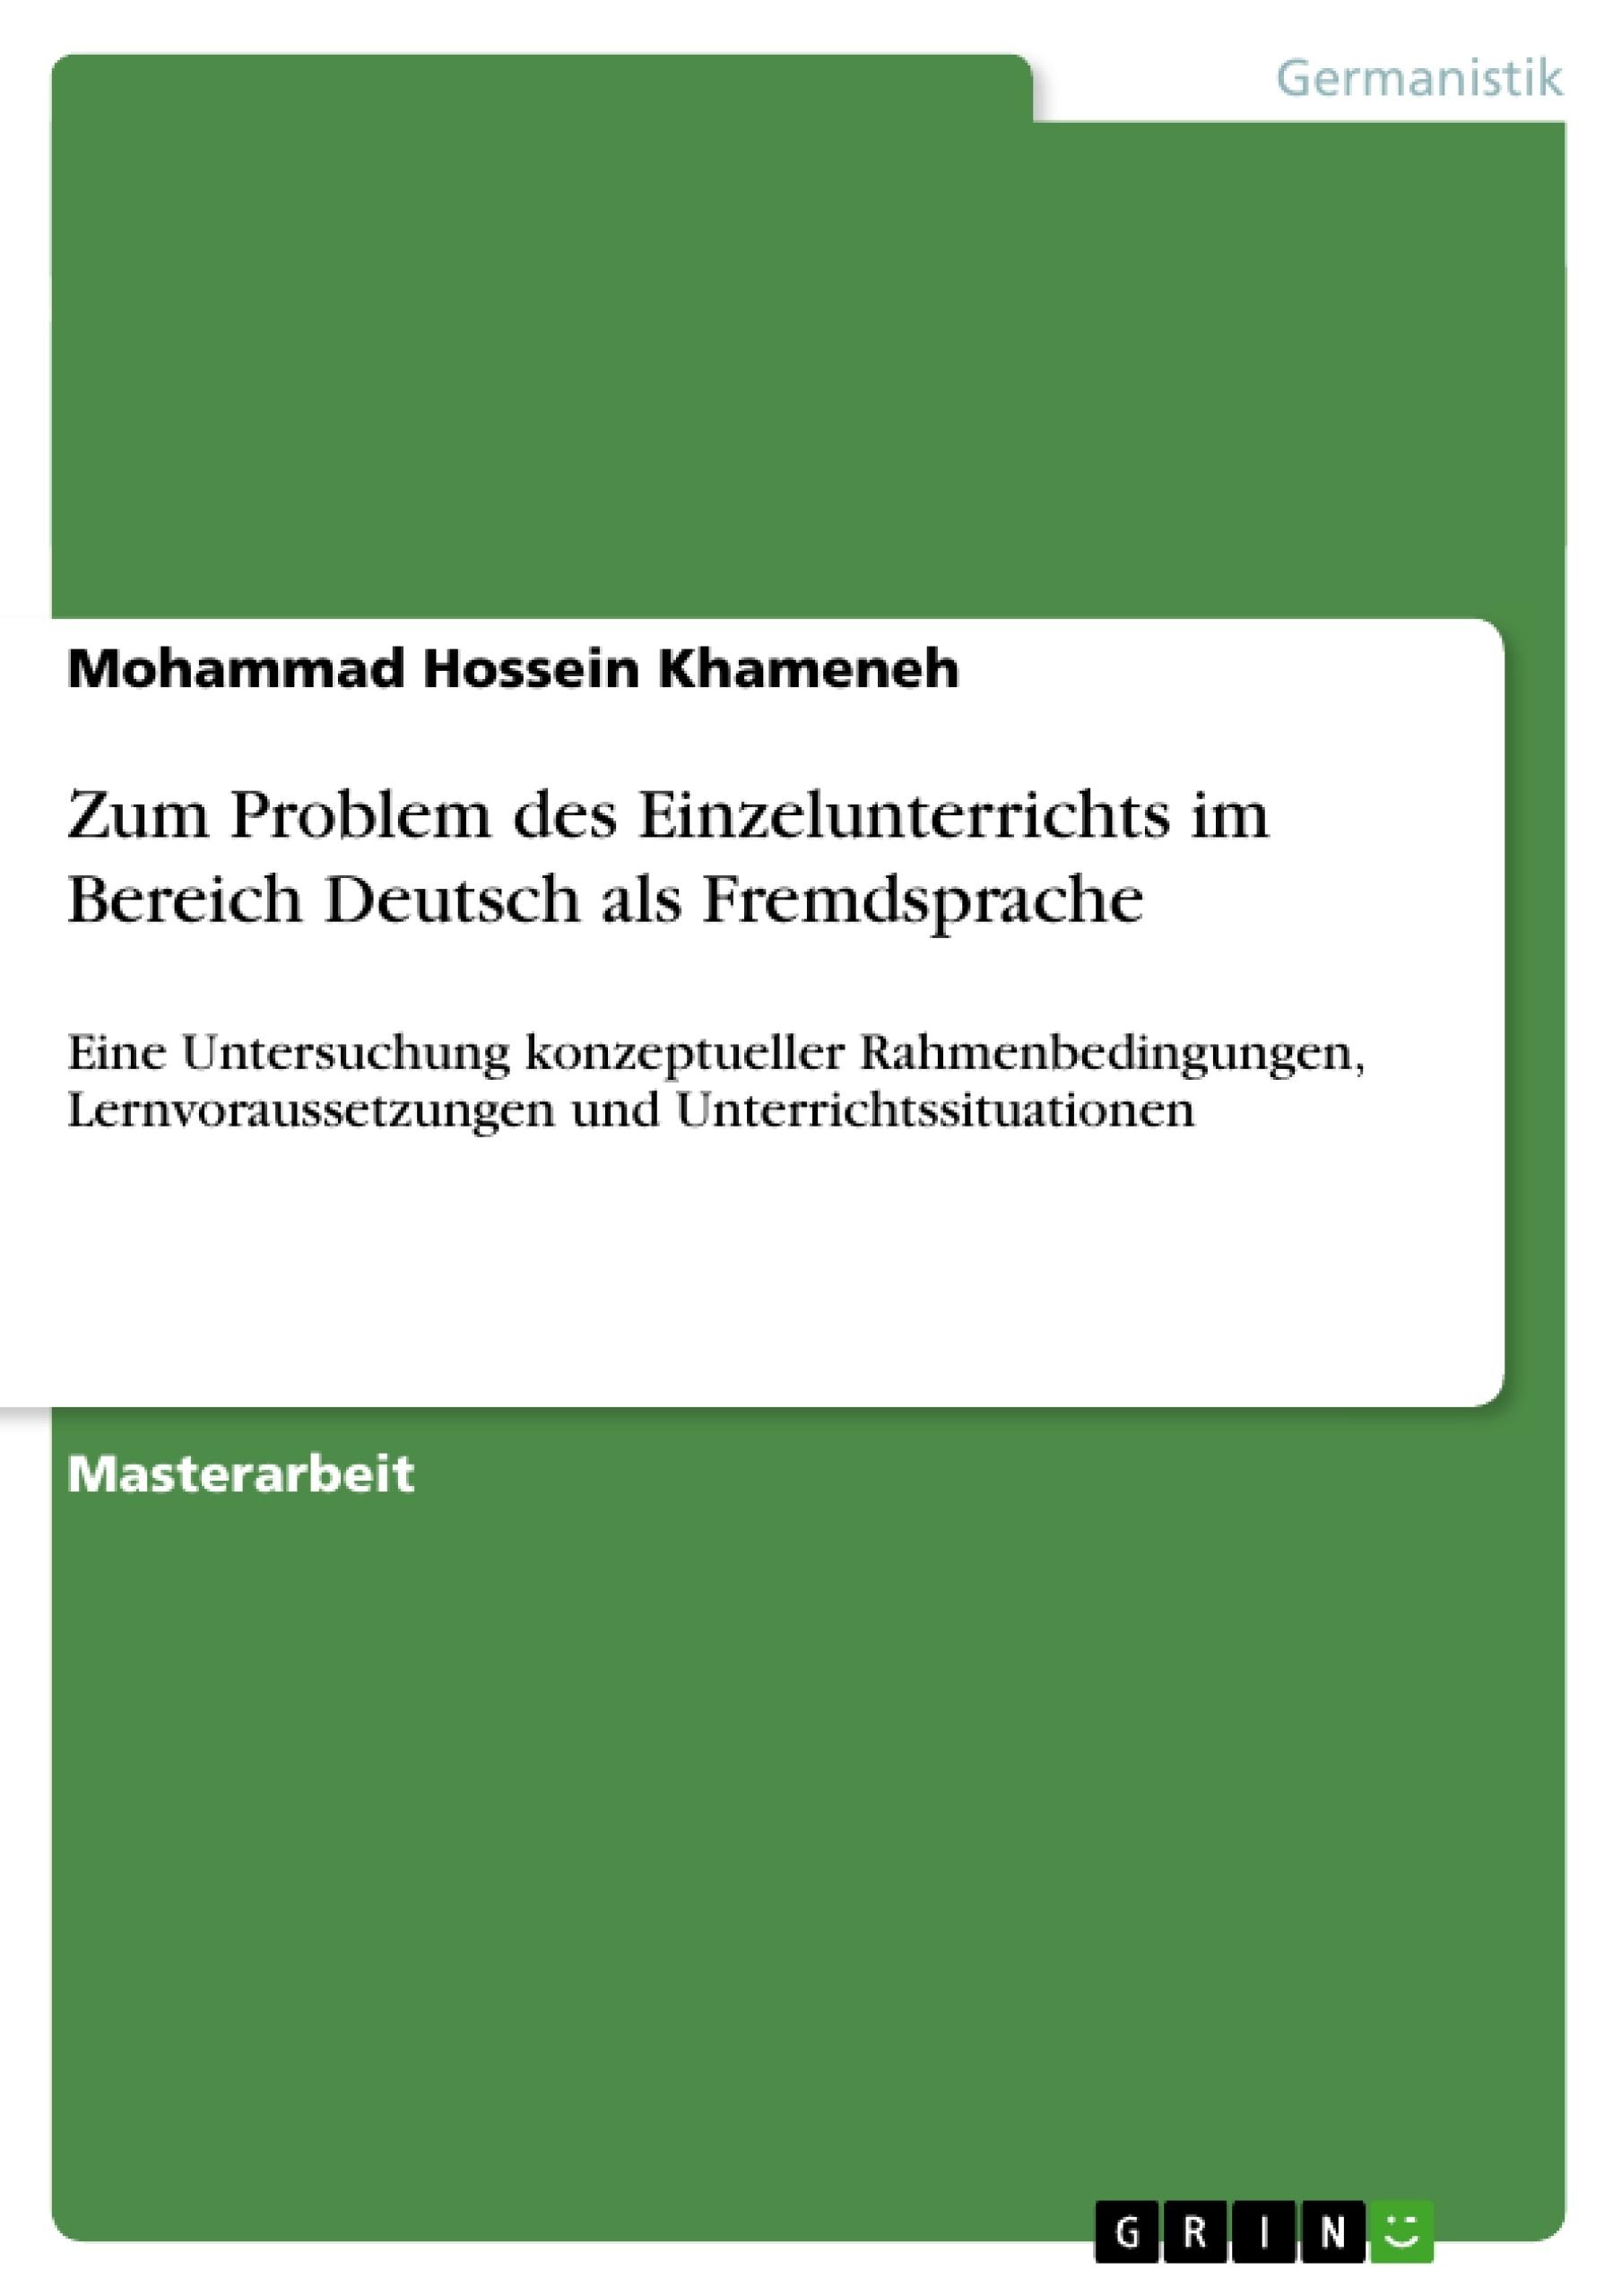 Titel: Zum Problem des Einzelunterrichts im Bereich Deutsch als Fremdsprache